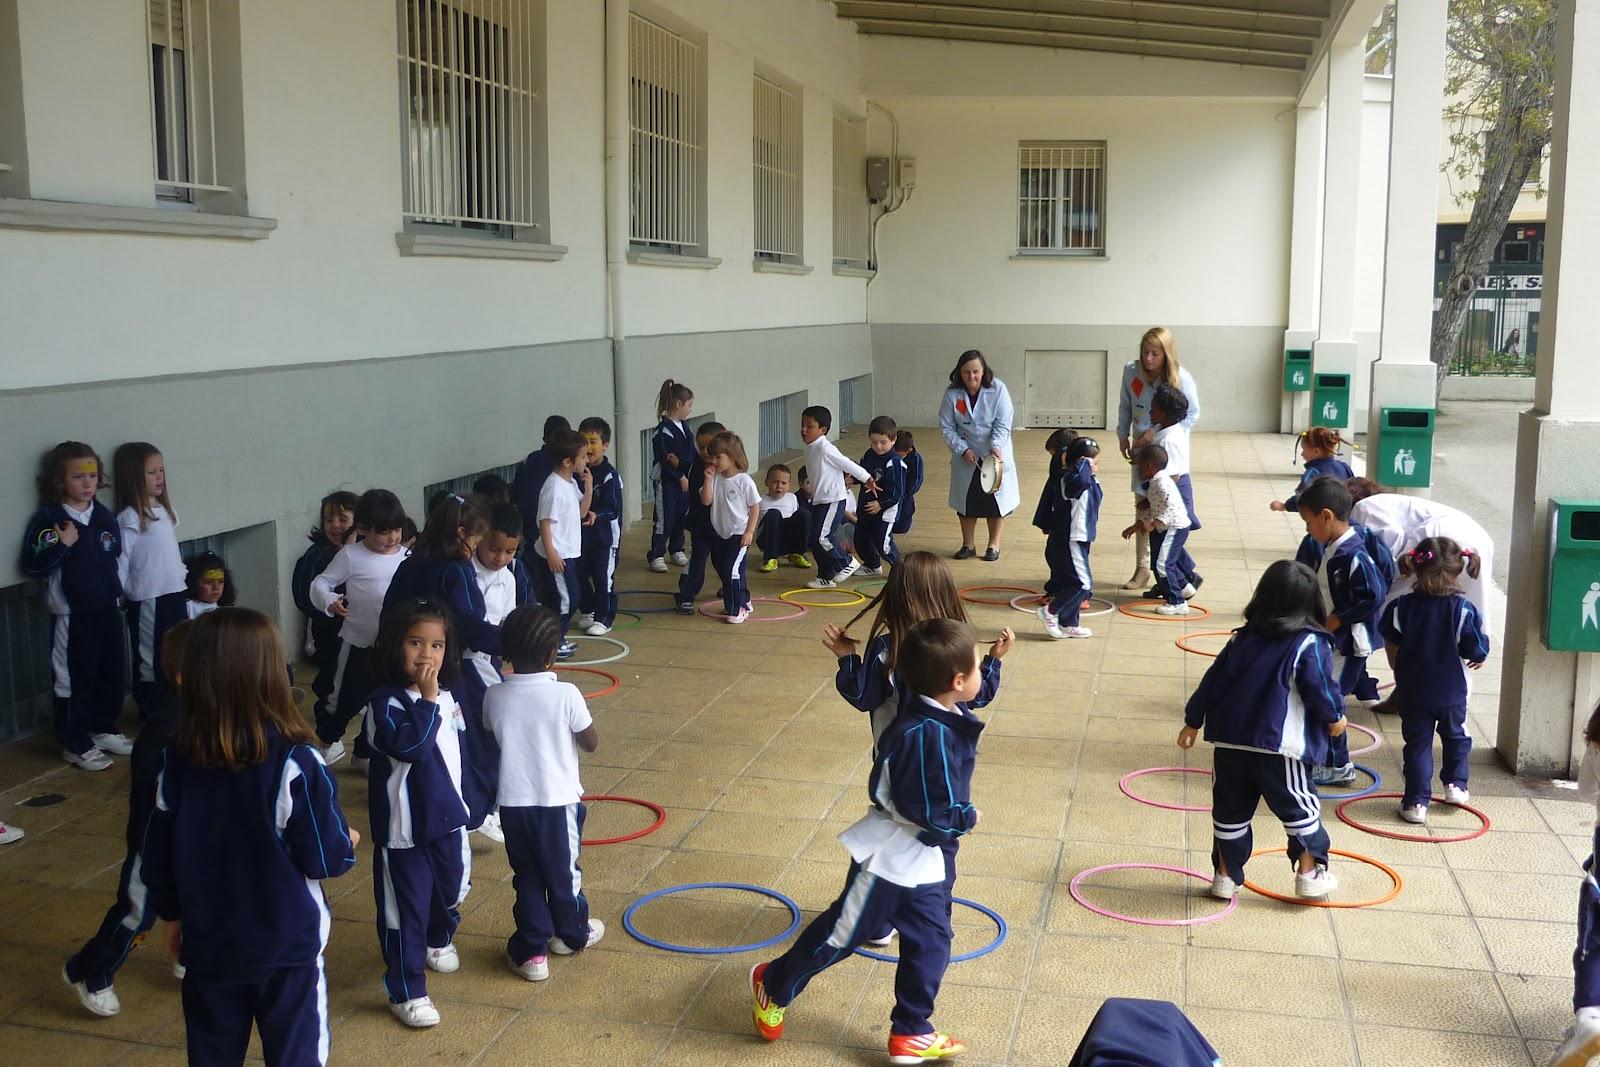 Colegio amor de dios burlada abril 2012 - Colegio amor de dios oviedo ...